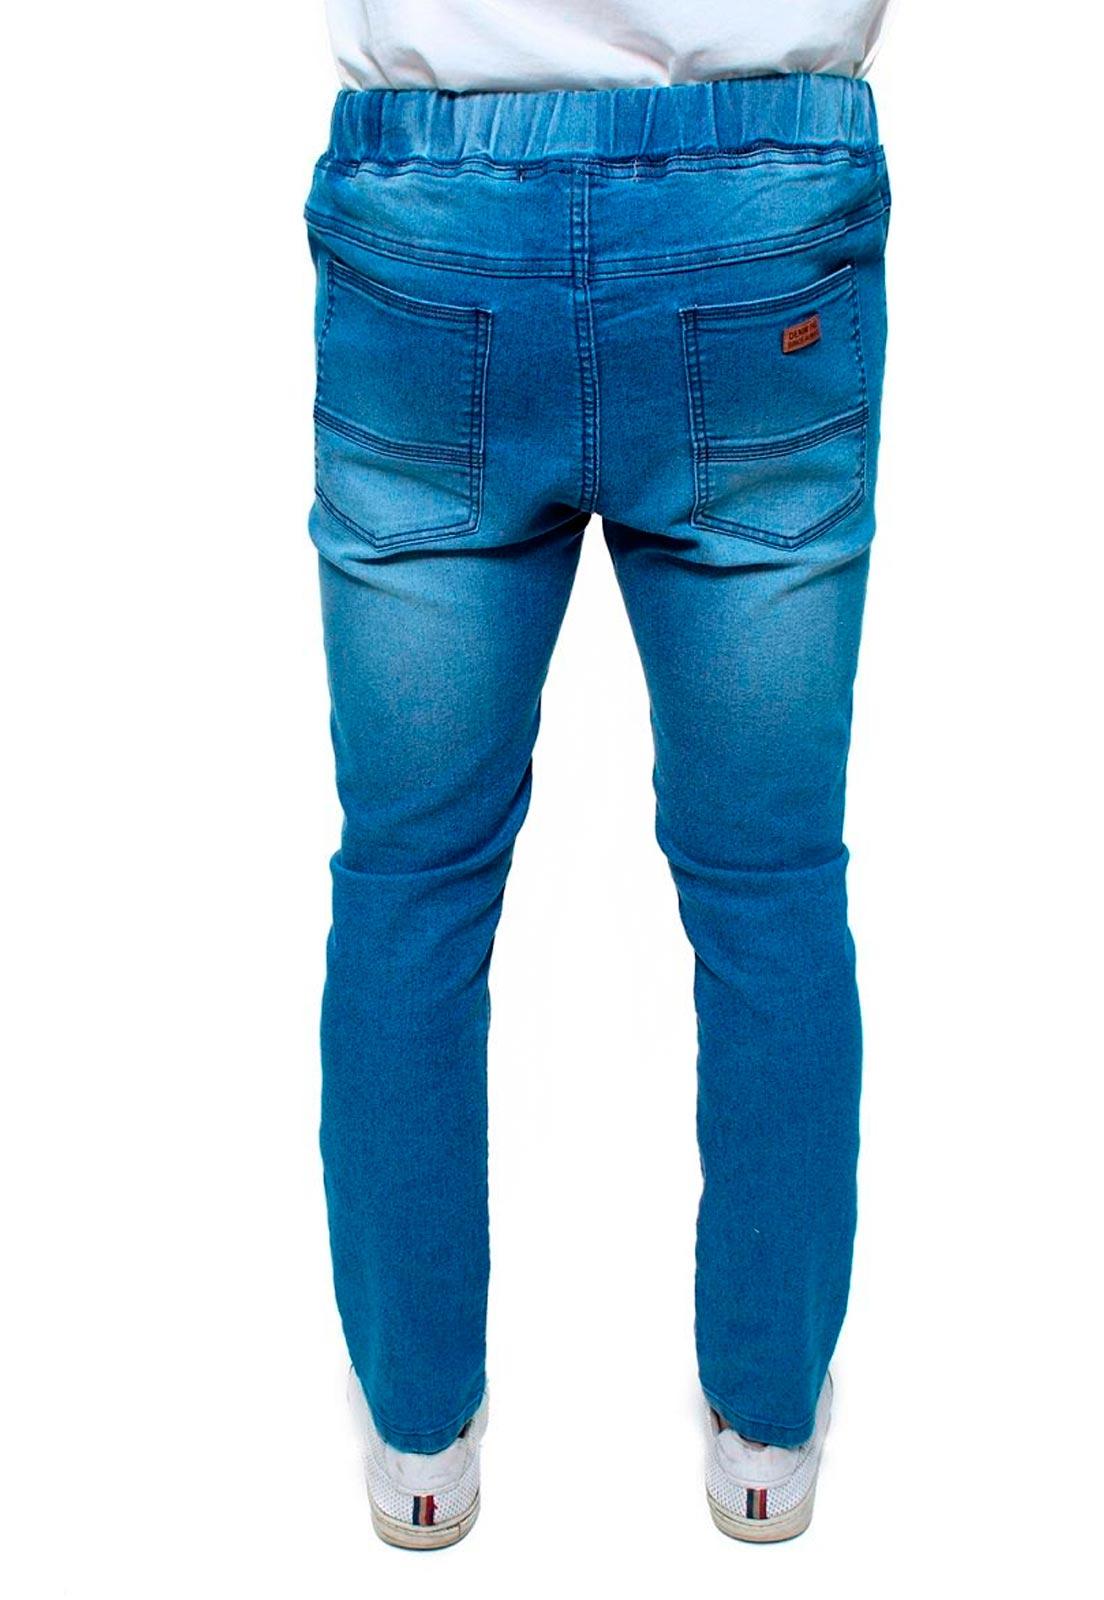 Calça Jogger Jeans Masculina - 47714  - CROCKER JEANS